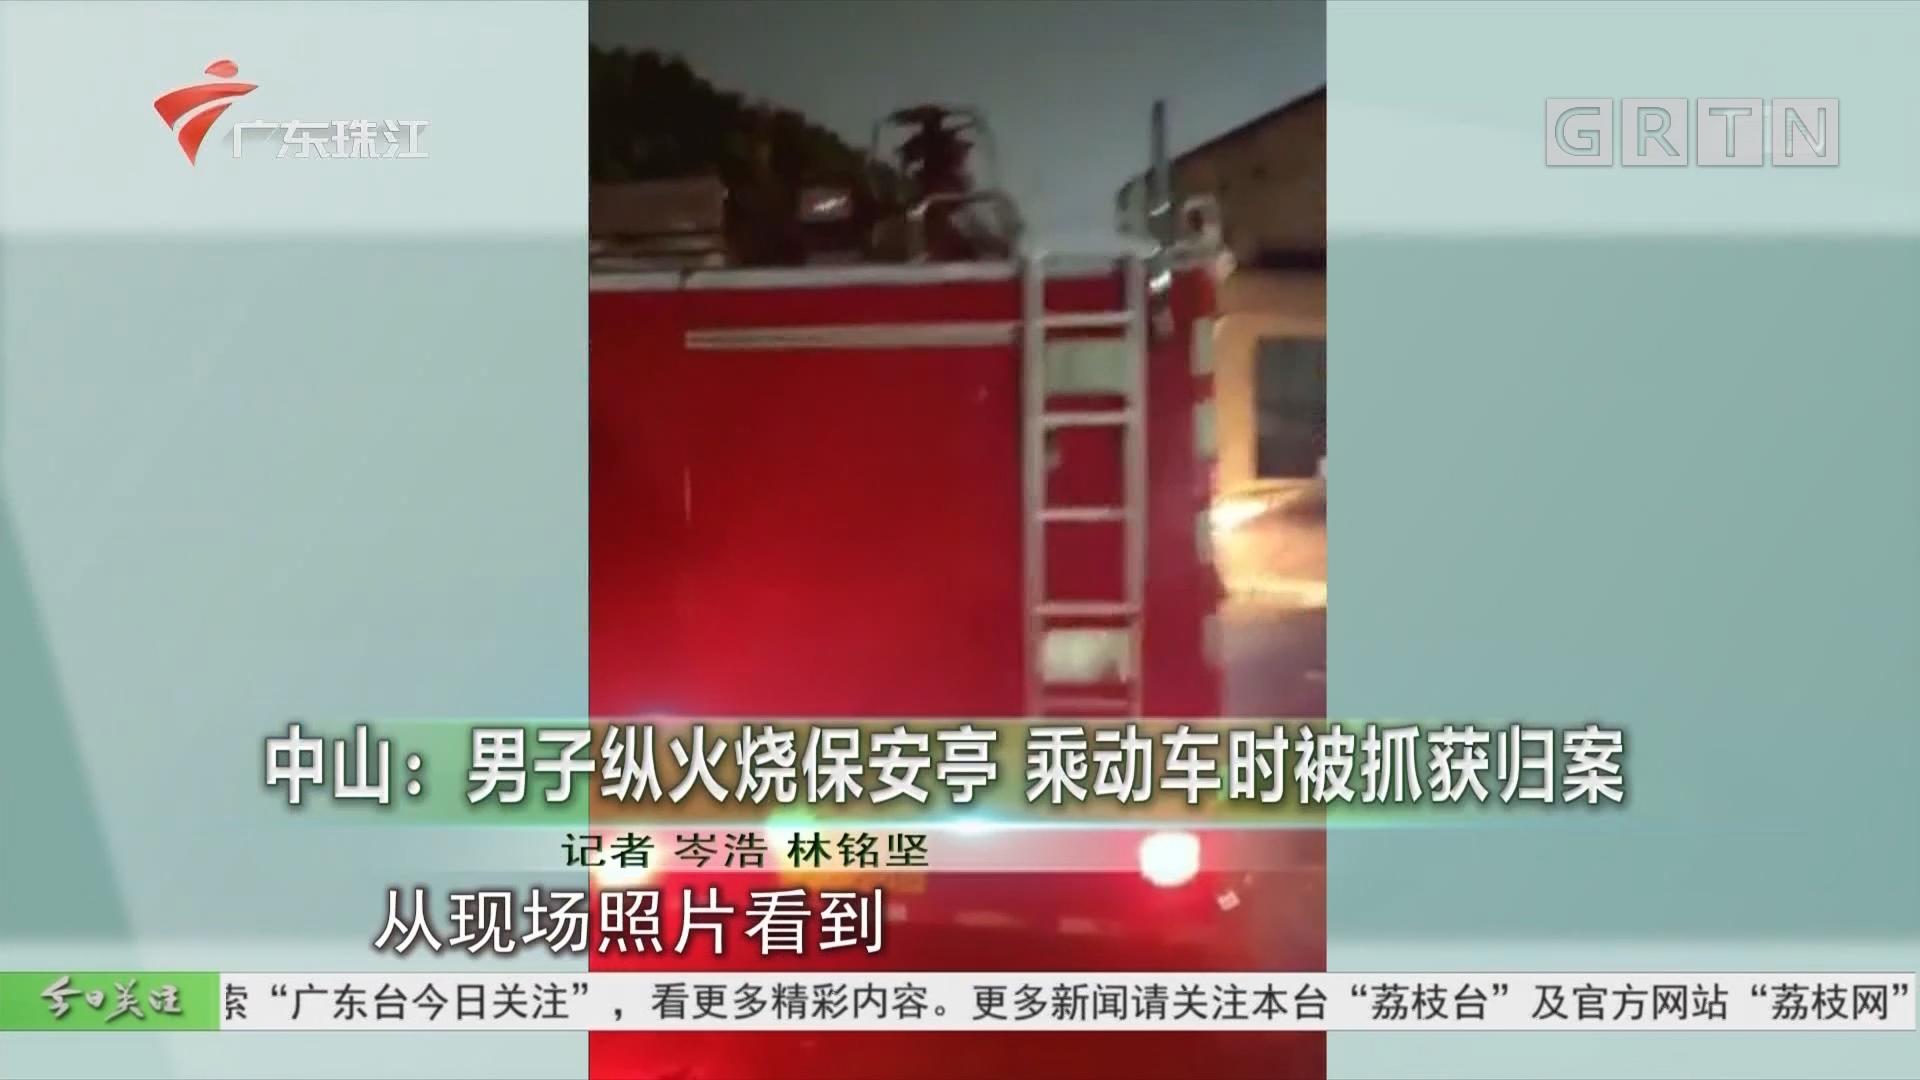 中山:男子纵火烧保安亭 乘动车时被抓获归案